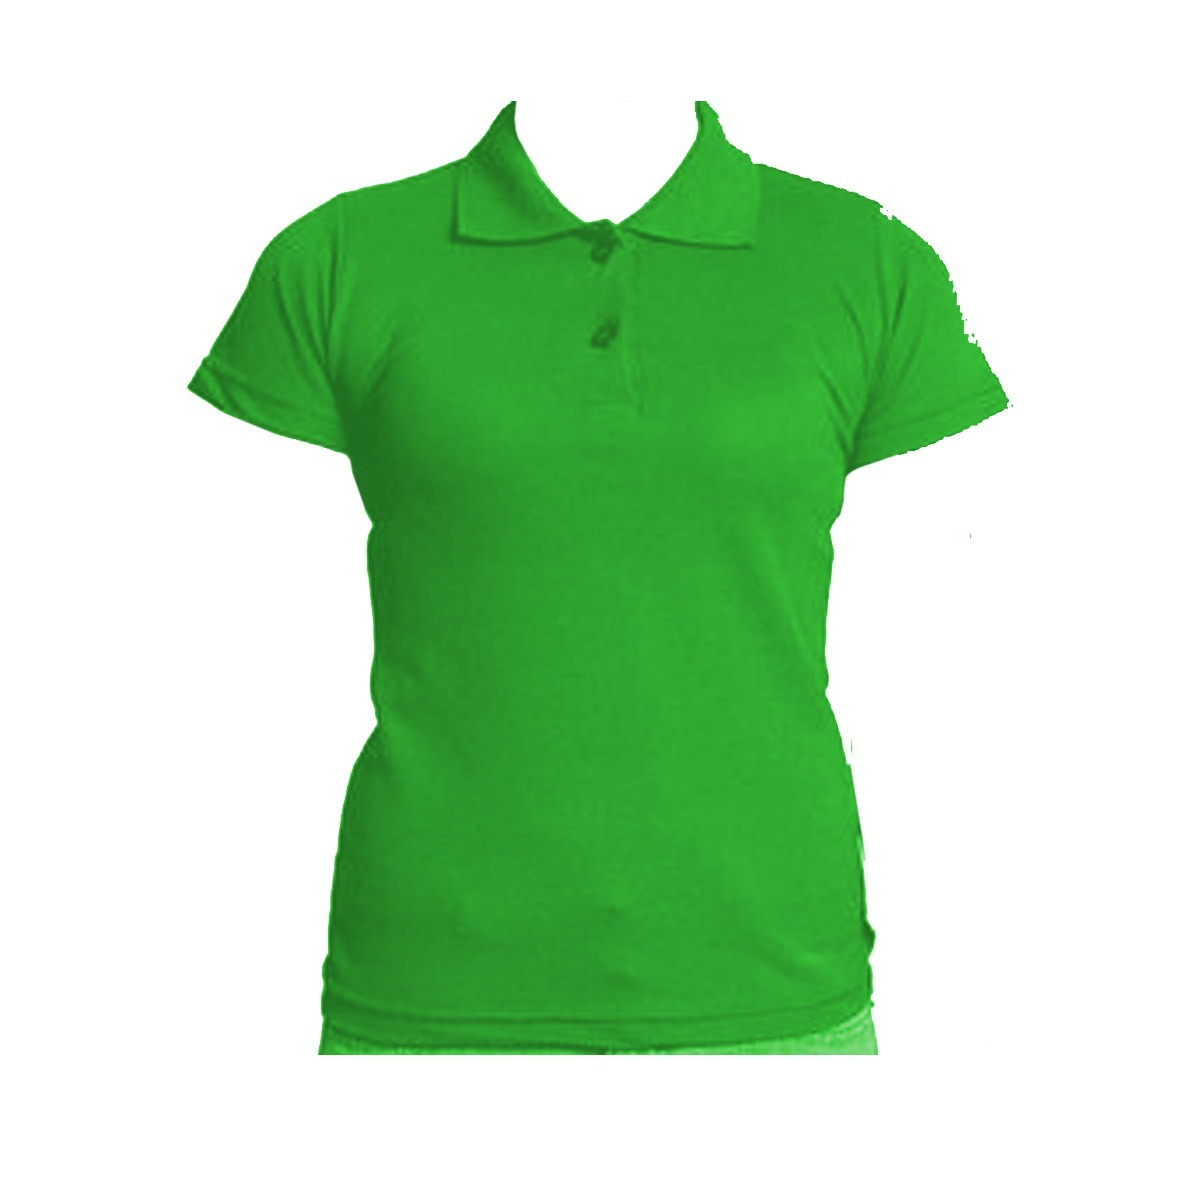 a8898ca738 camisa polo feminina piquet verde lisa. Carregando zoom.